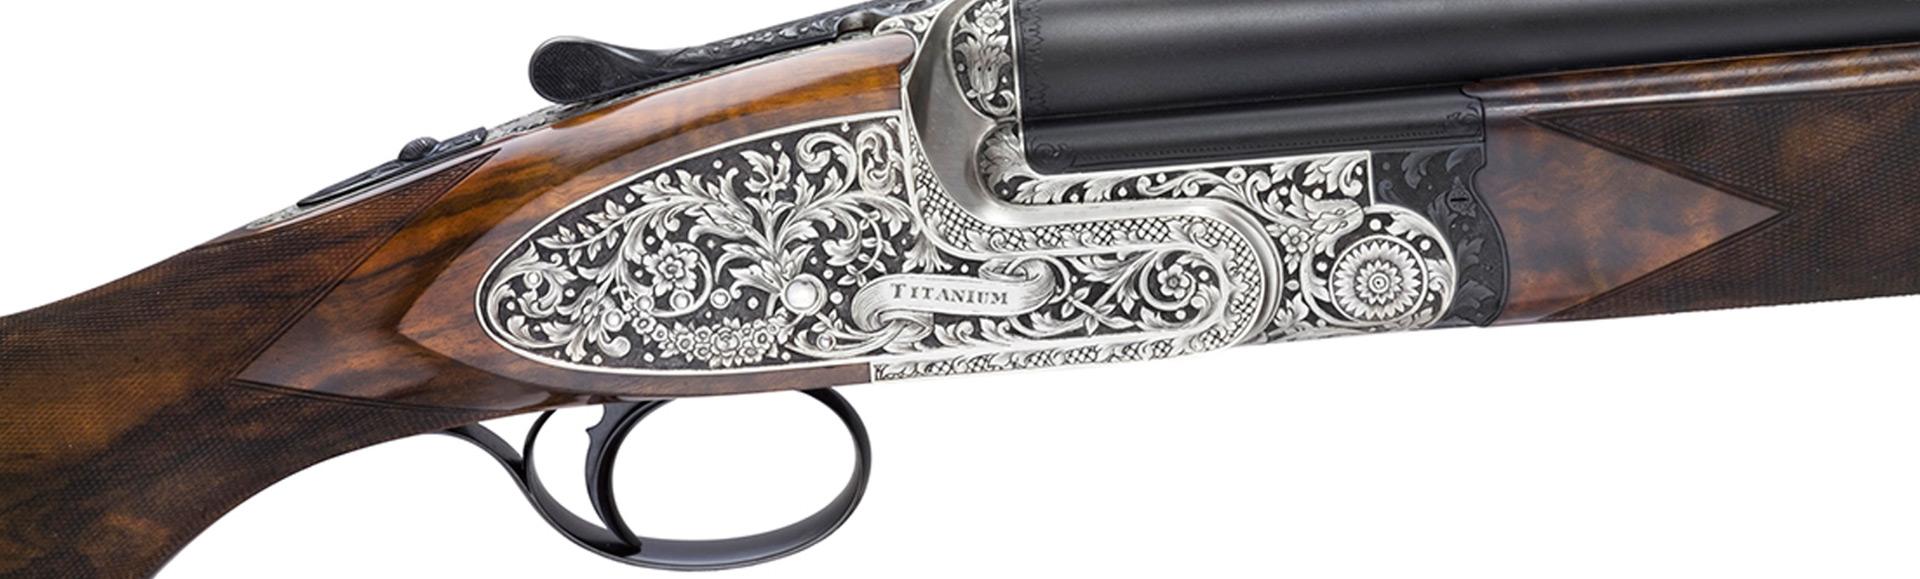 challenger-titanium-shotgun